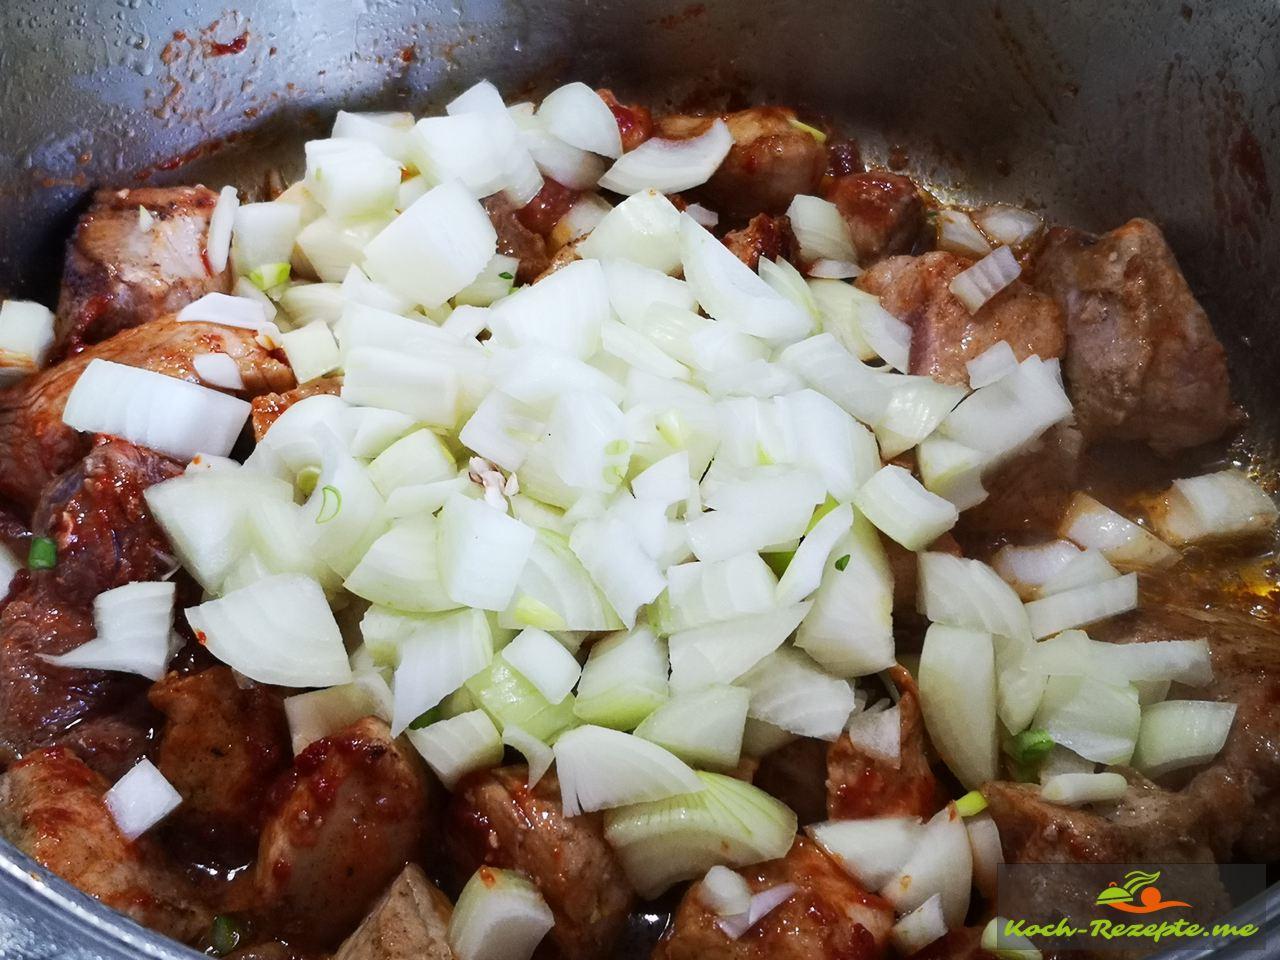 Zum angebratenem Fleisch Zwiebelwürfel gebn und anbraten